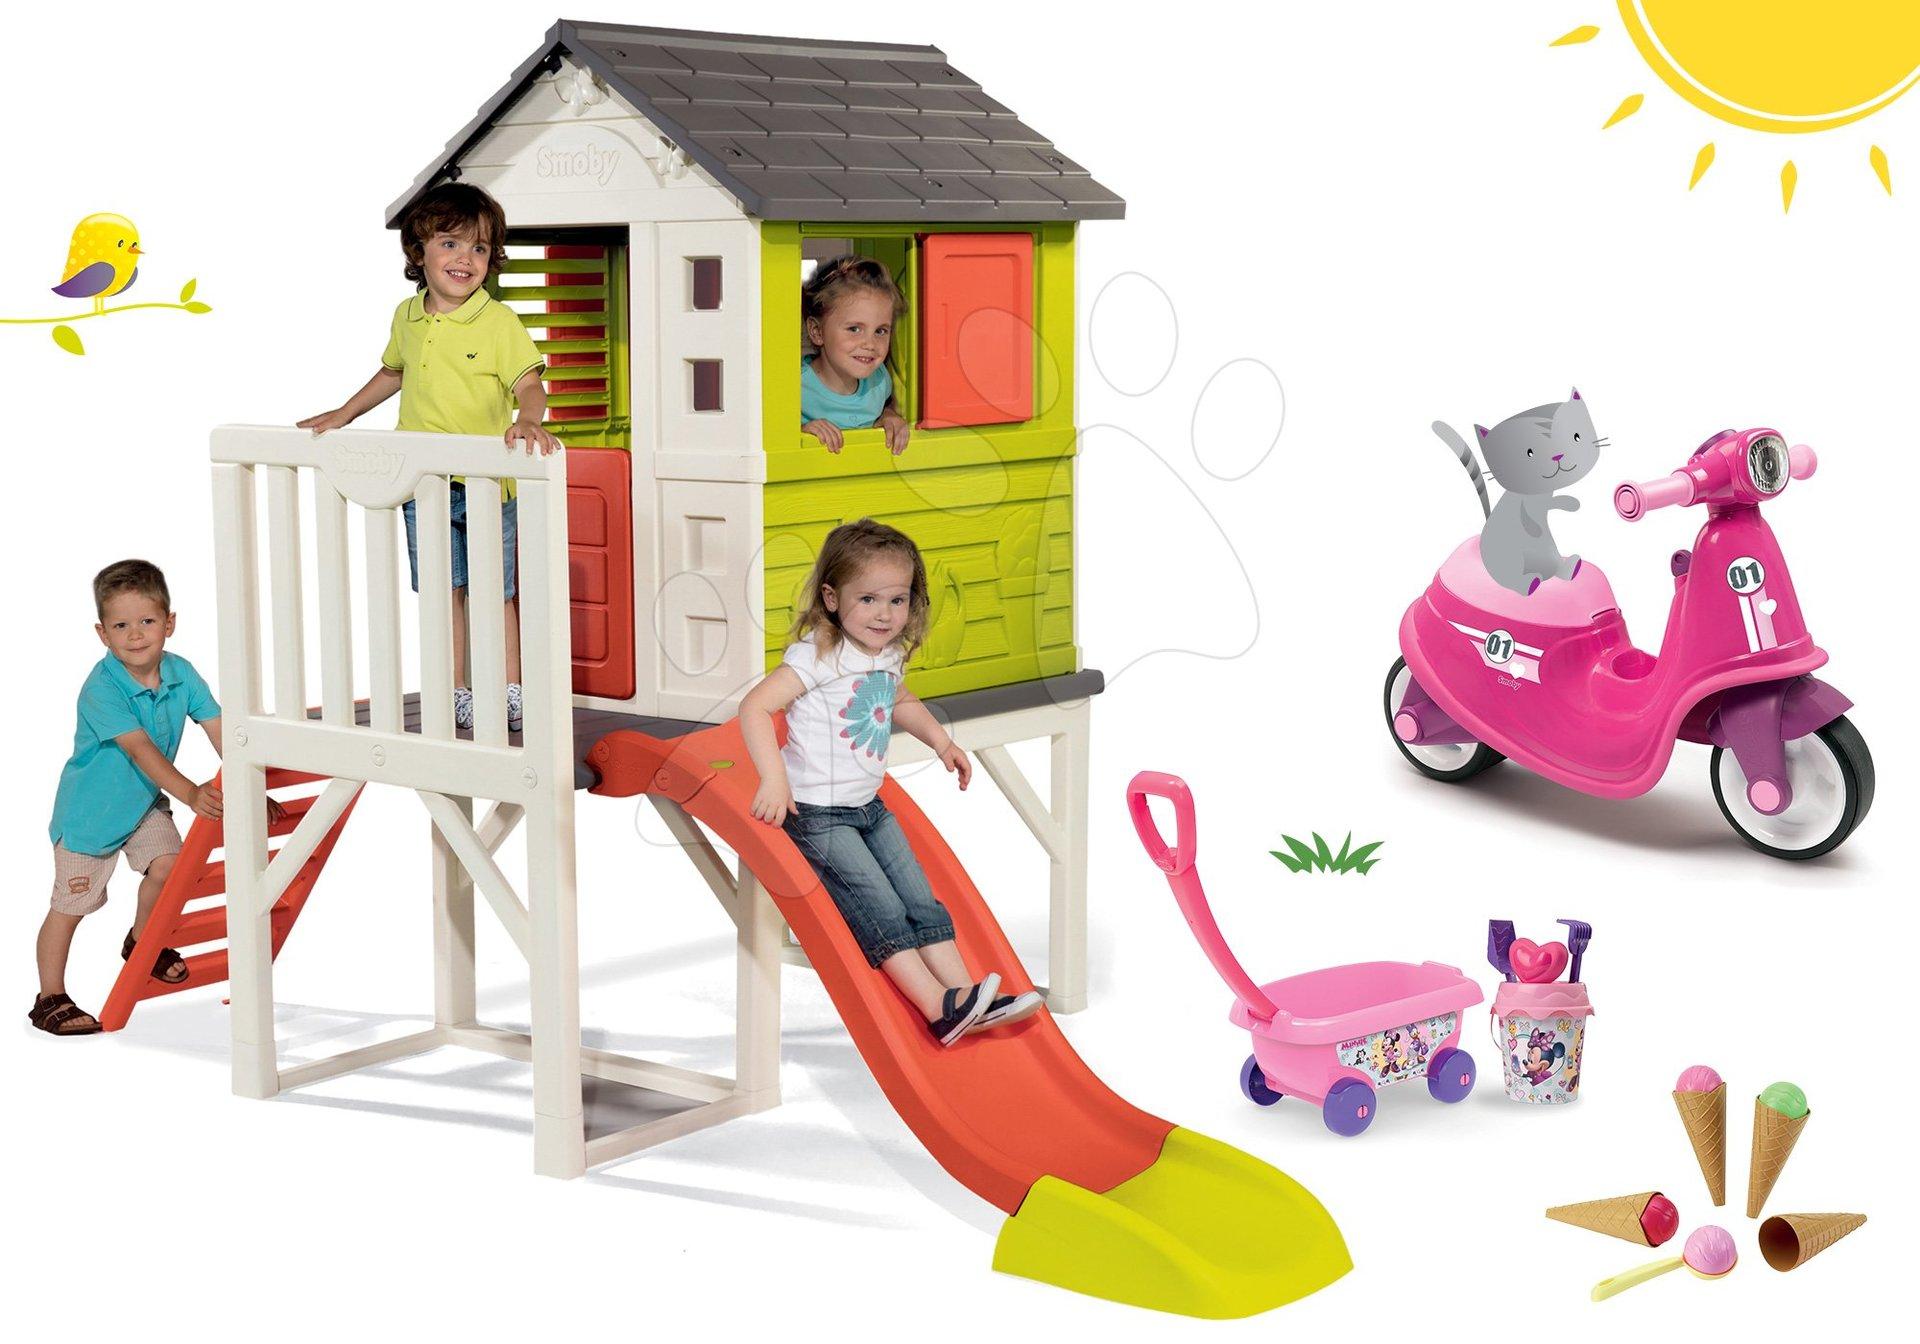 Set căsuţă pe piloni Pilings House Smoby cu tobogan de 1,5 m și babytaxiu cu roţi din cauciuc şi cărucior cu găleată şi îngheţată de la 24 luni